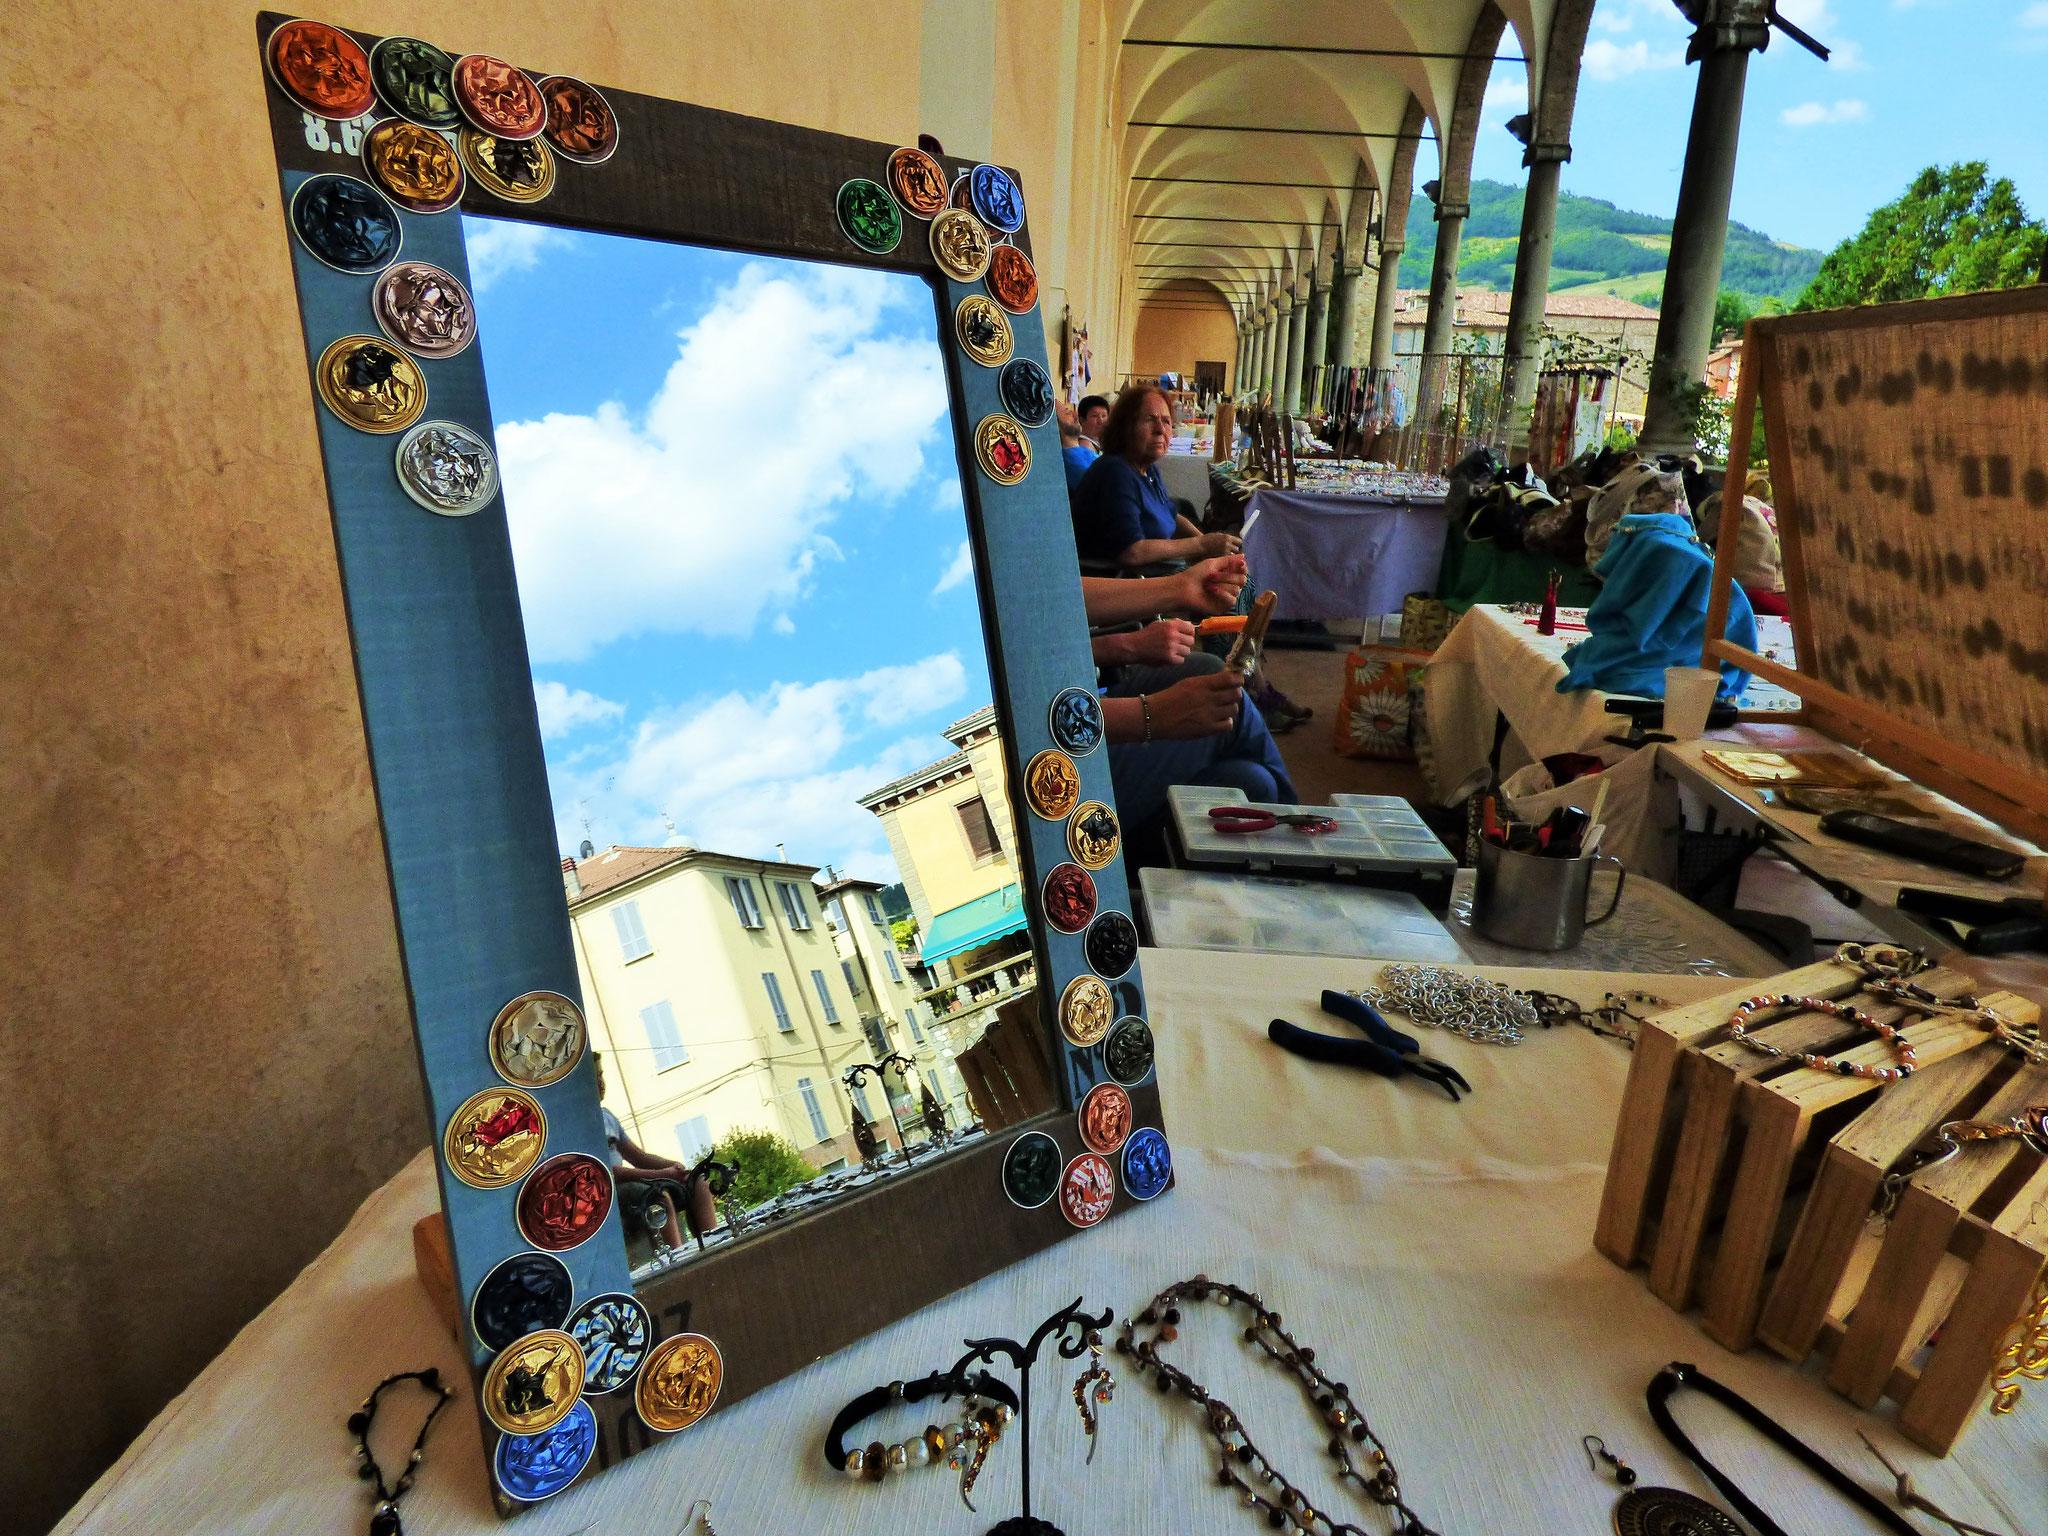 Gli Artigiani di ArTre a  Bobbio  16 giugno 2019     Fiera di San Giovanni  con  ARTIGIANATO LOCALE